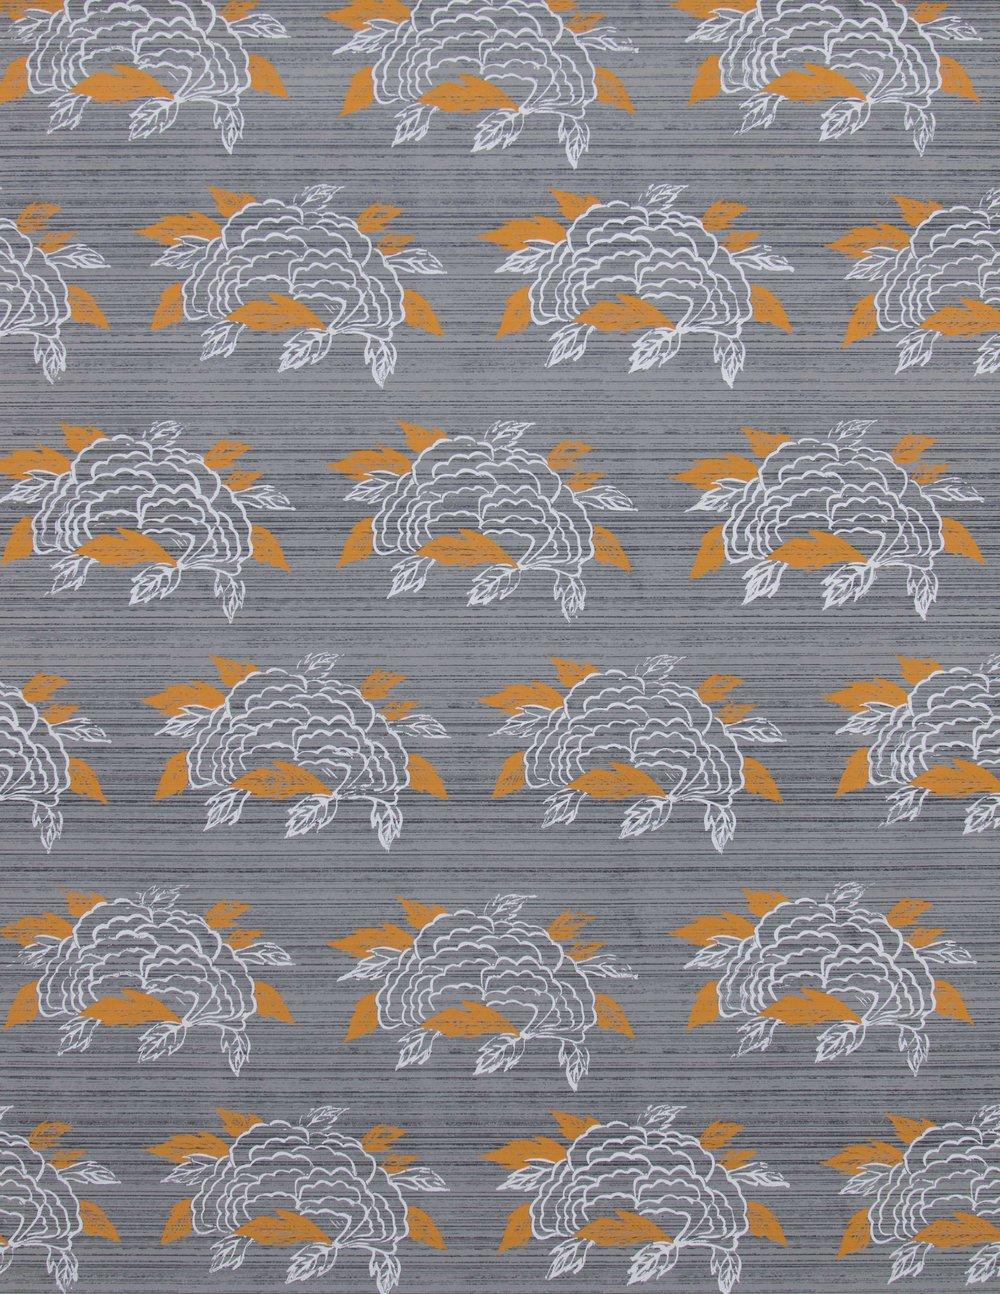 Chrysanthemum in French Grey, SL130-01